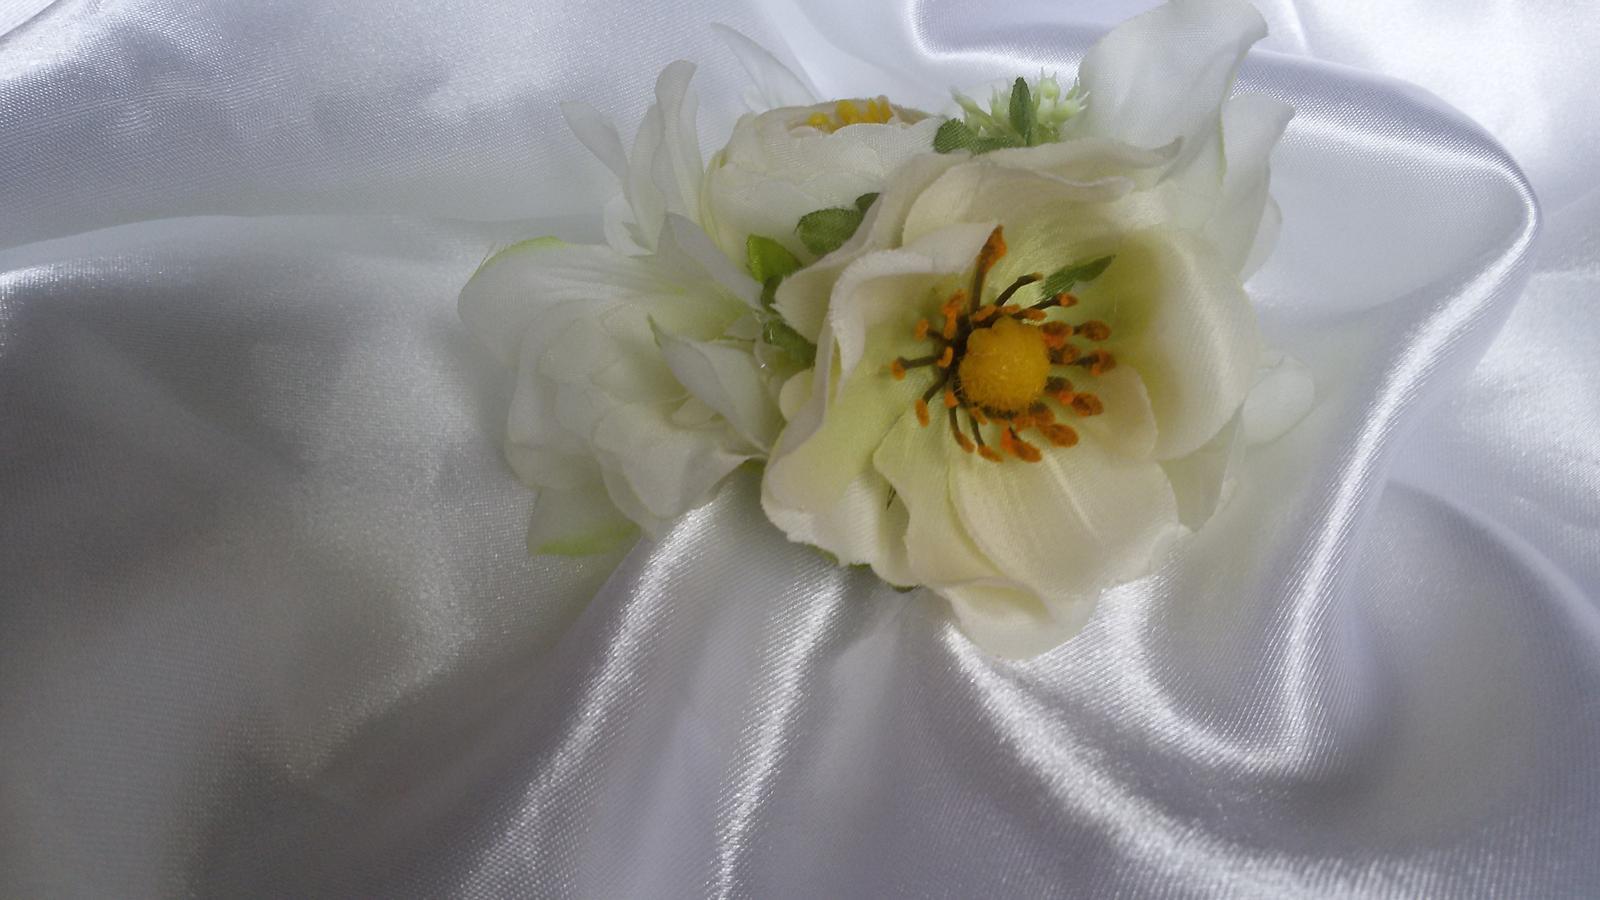 Skřipeček do vlasů s květinou - Obrázek č. 3